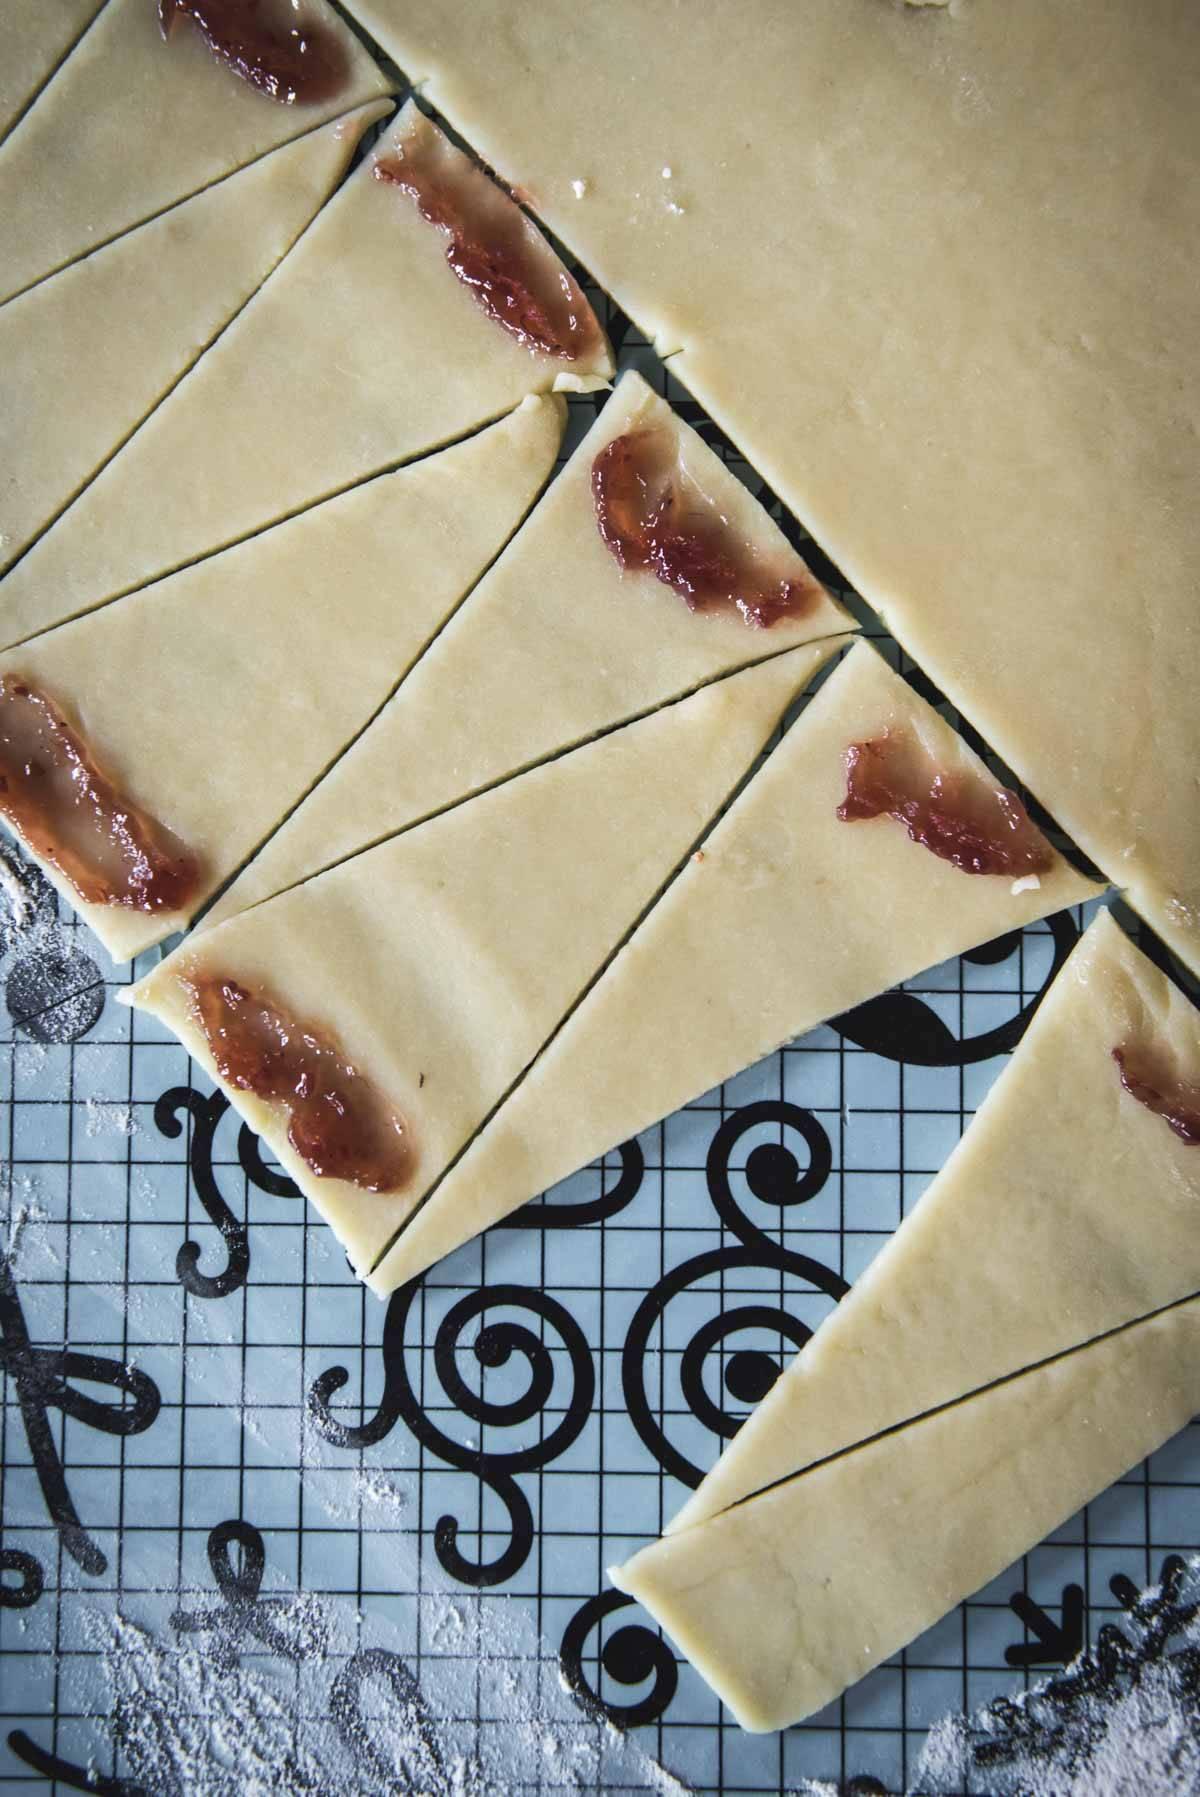 Involtini Biscotti   Involtini Biscuits   Chew Town Food Blog